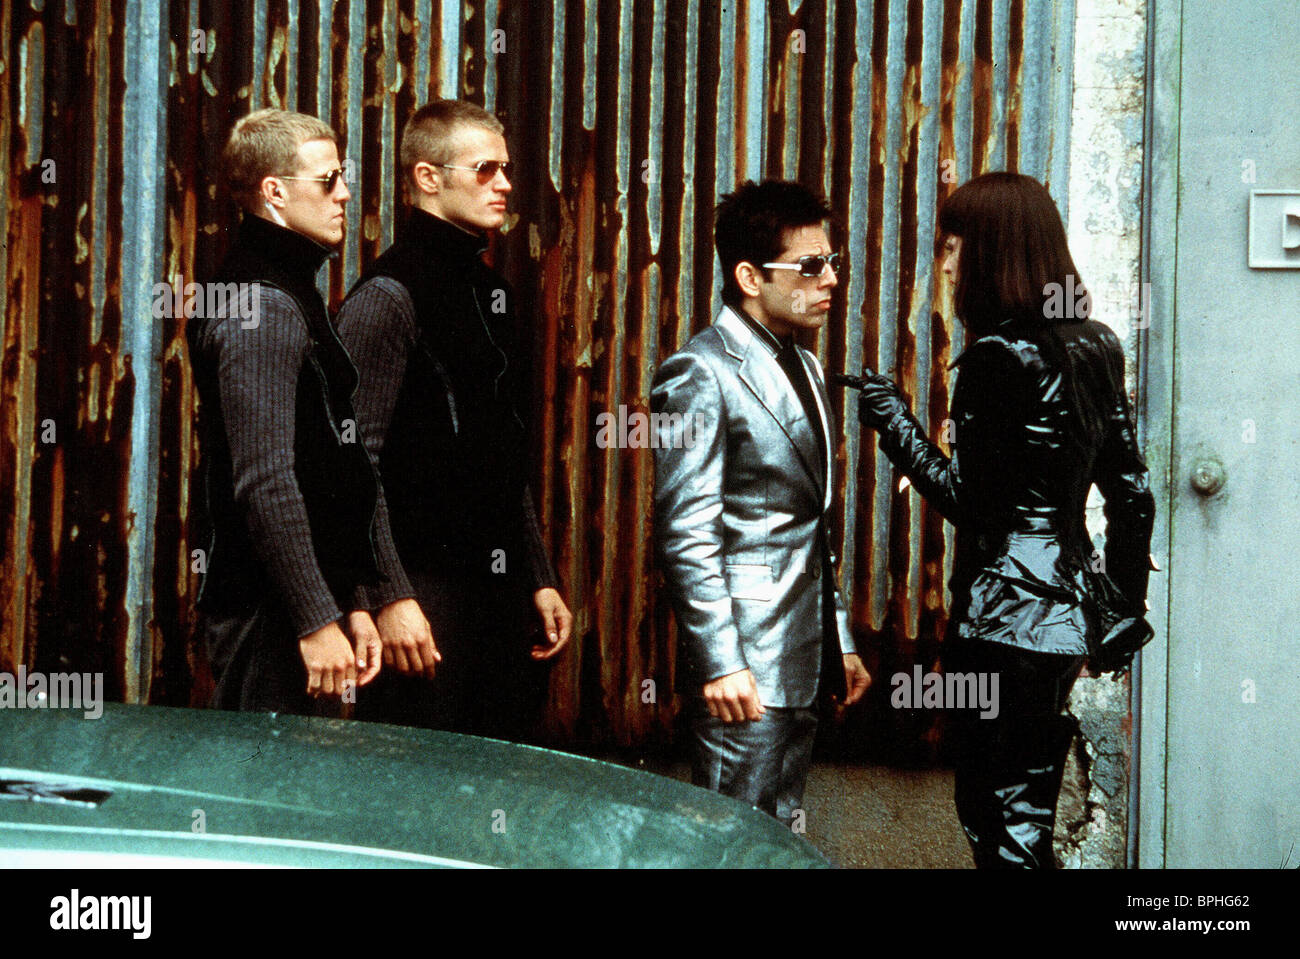 Download Film Zoolander 2001